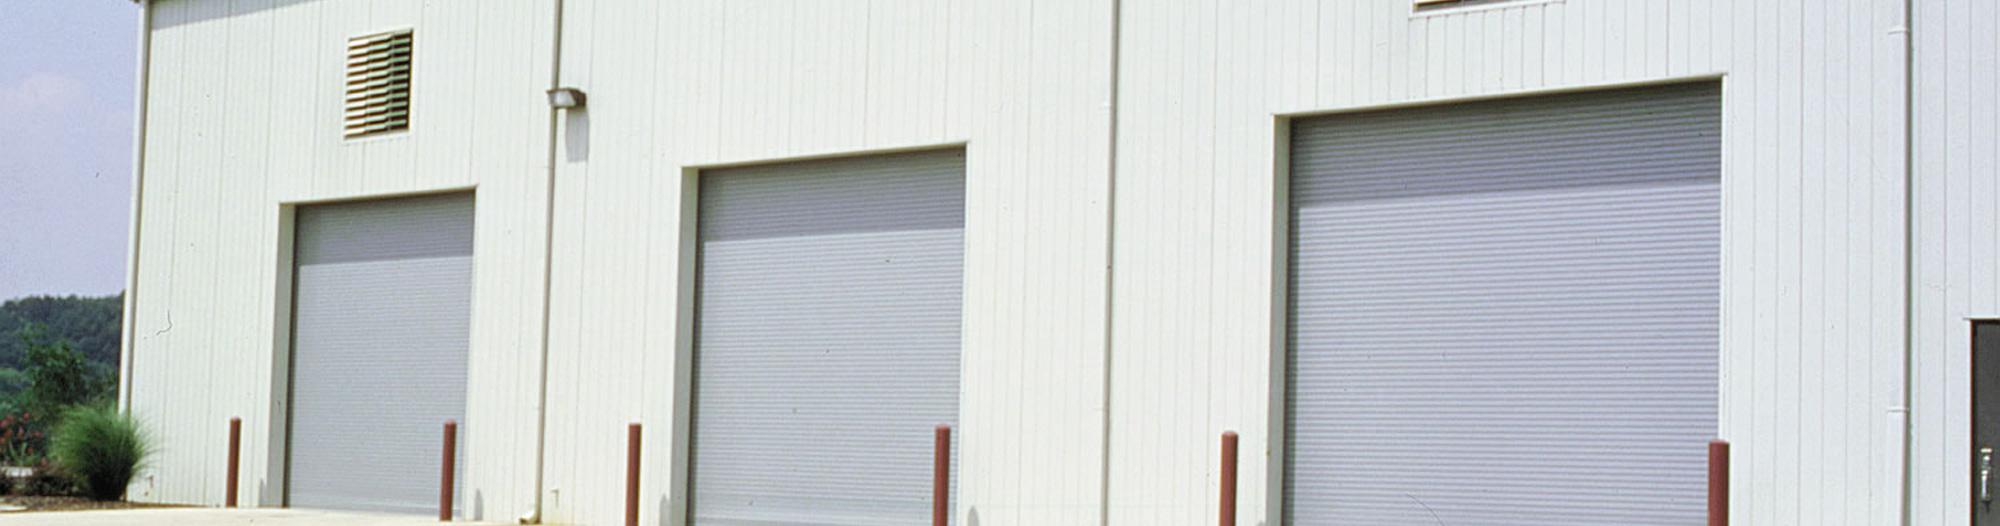 Alumatec Coiling Doors & Alumatec Coiling Doors Archives | Continental Door Pezcame.Com